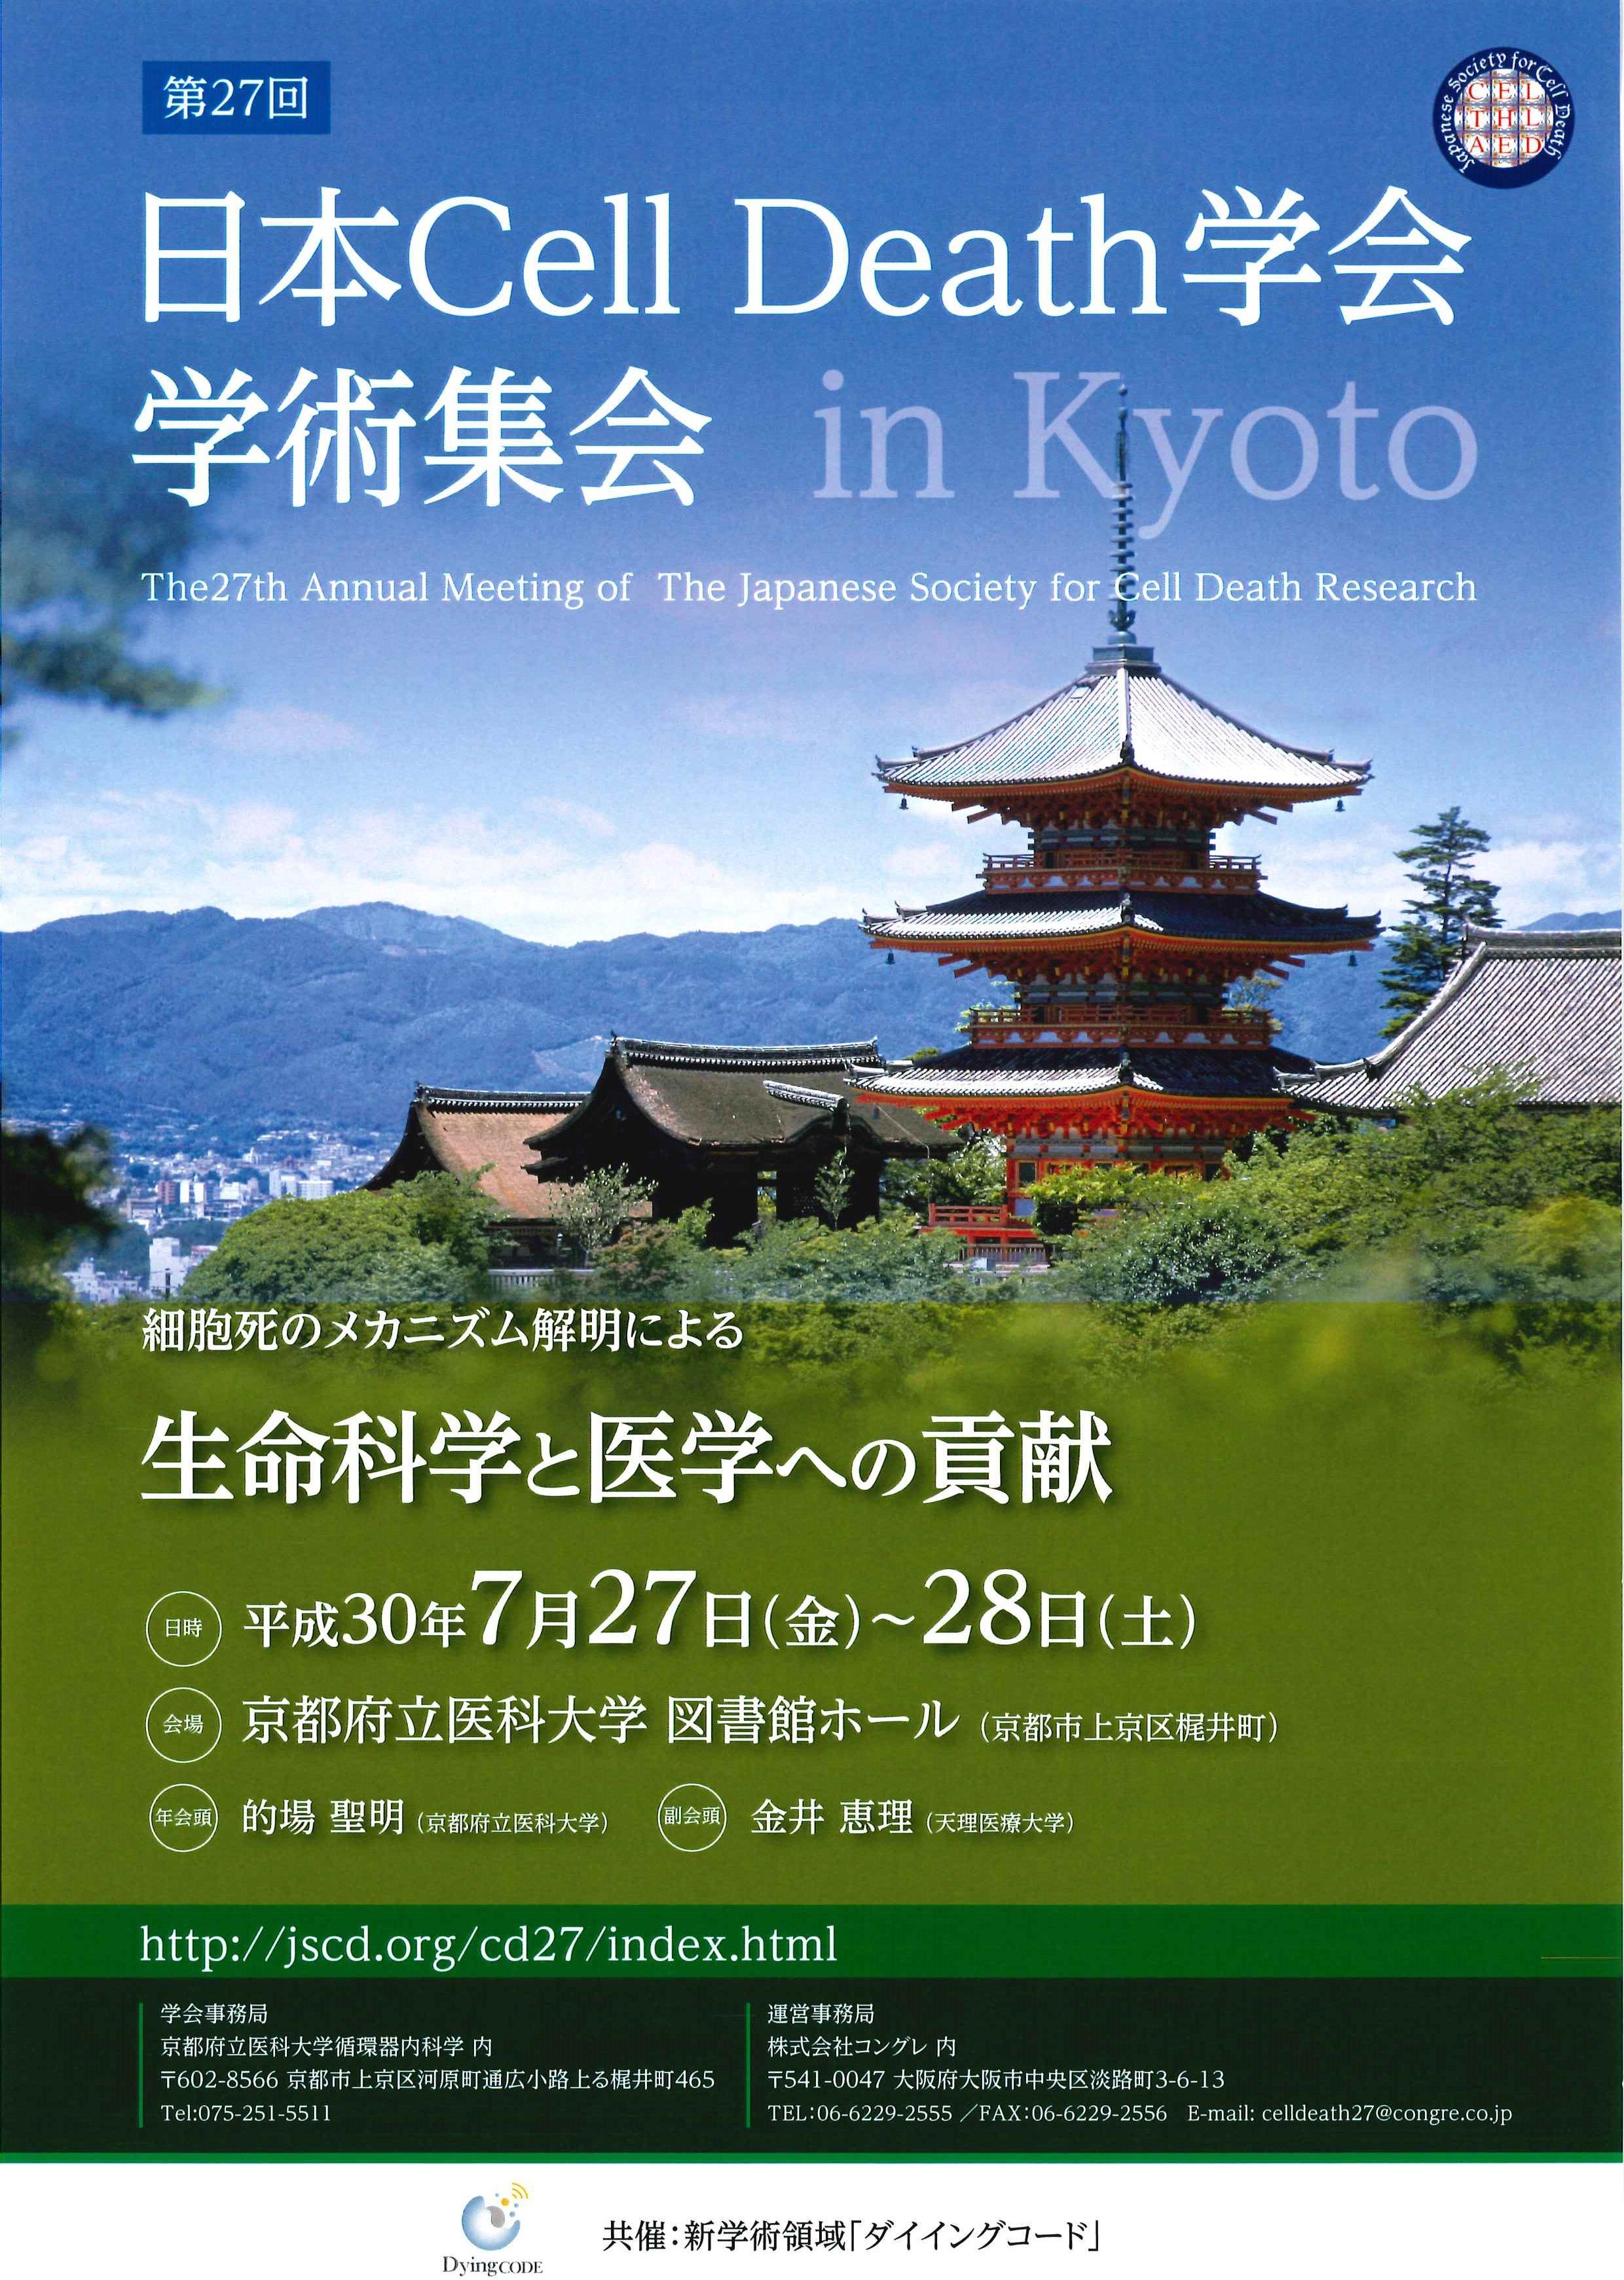 第27回日本Cell Death学会学術集会 in Kyotoに本学教員が主催します